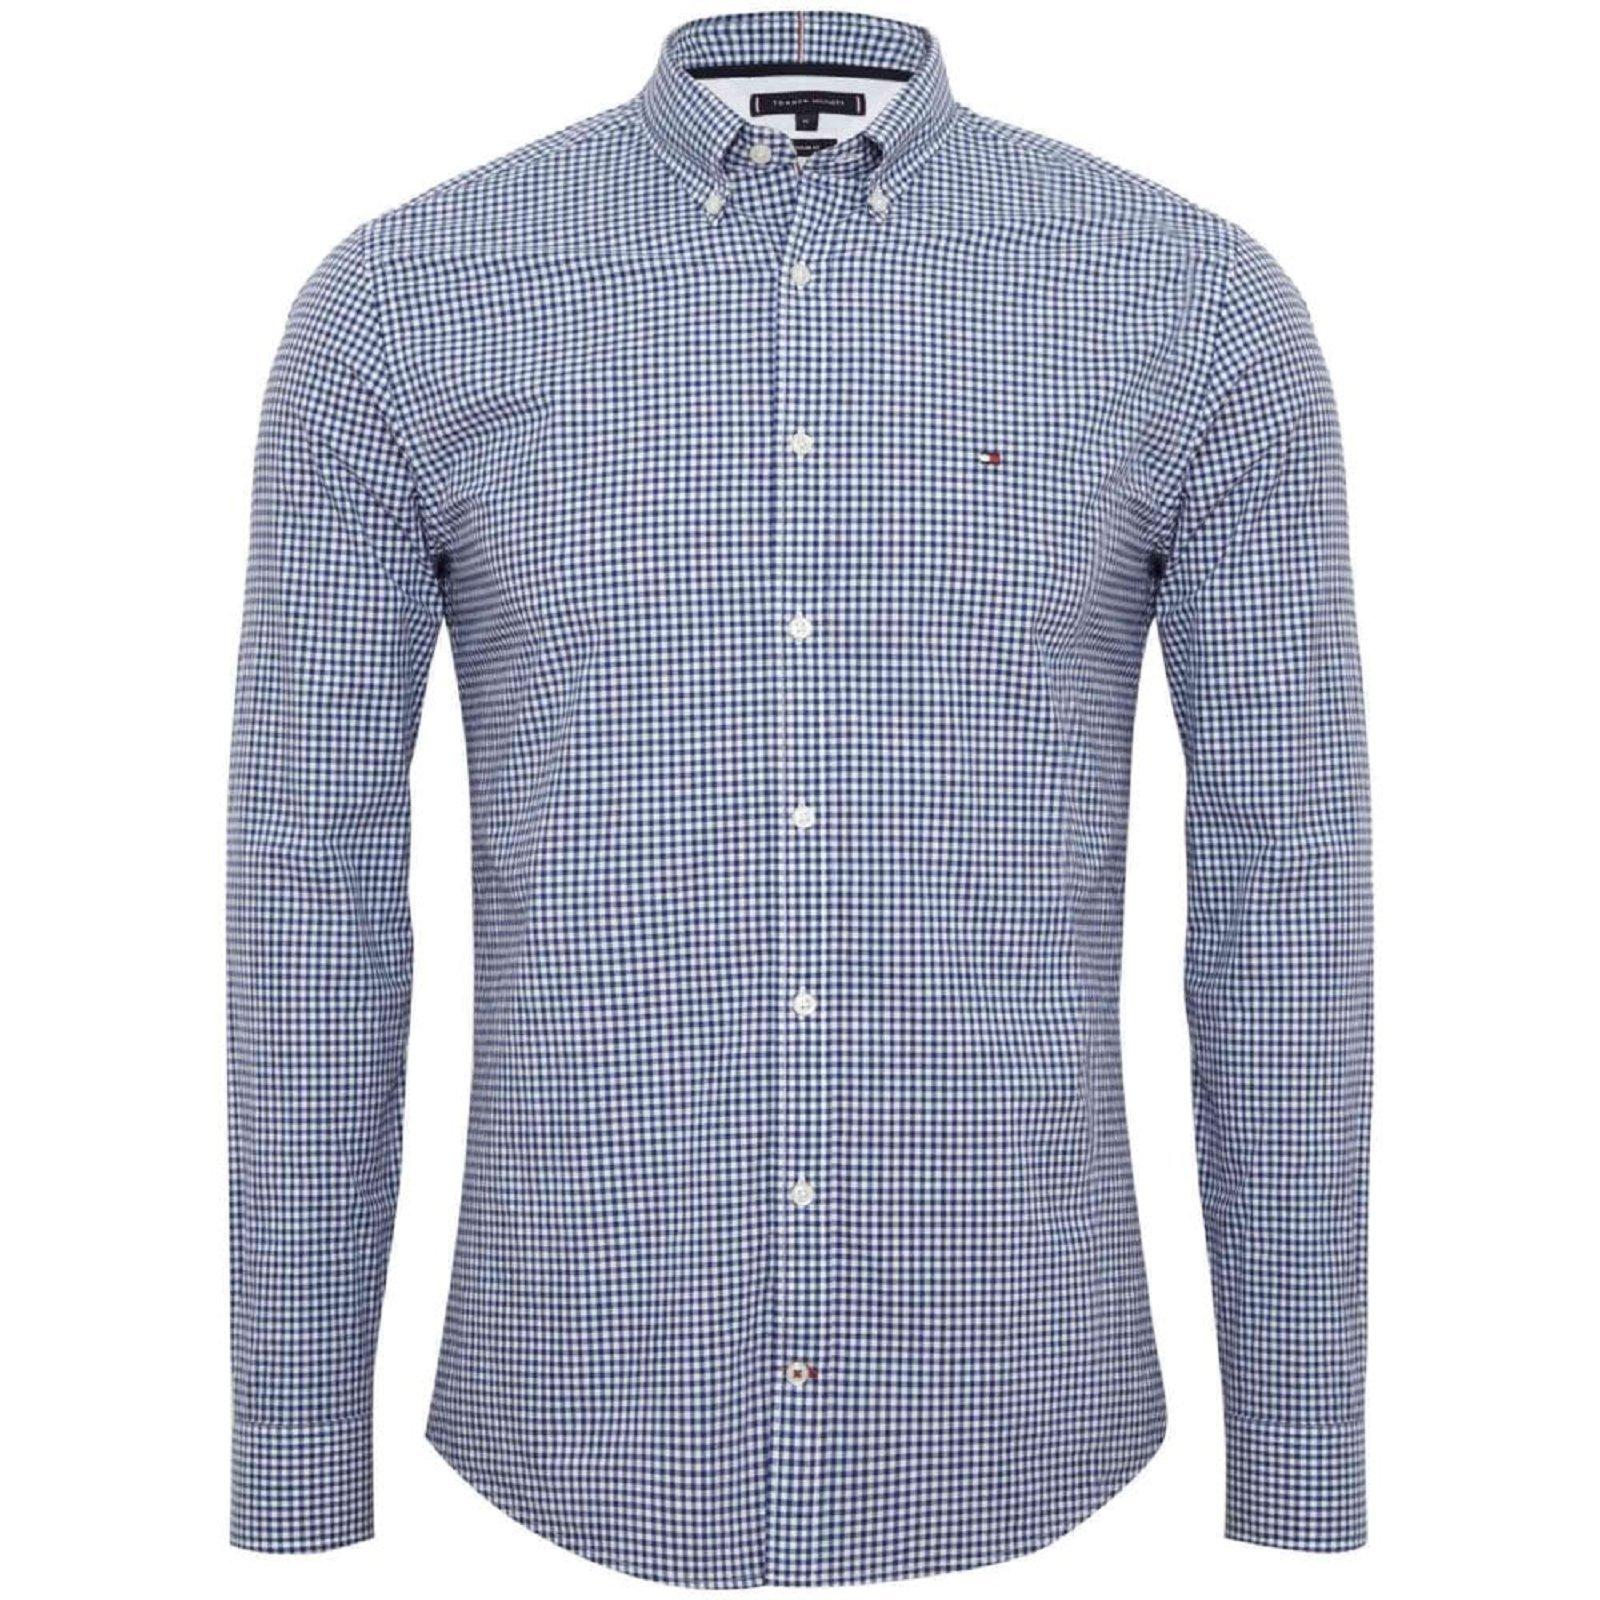 Chemise Tommy Hilfiger de couleur bleu à carreaux, taille M